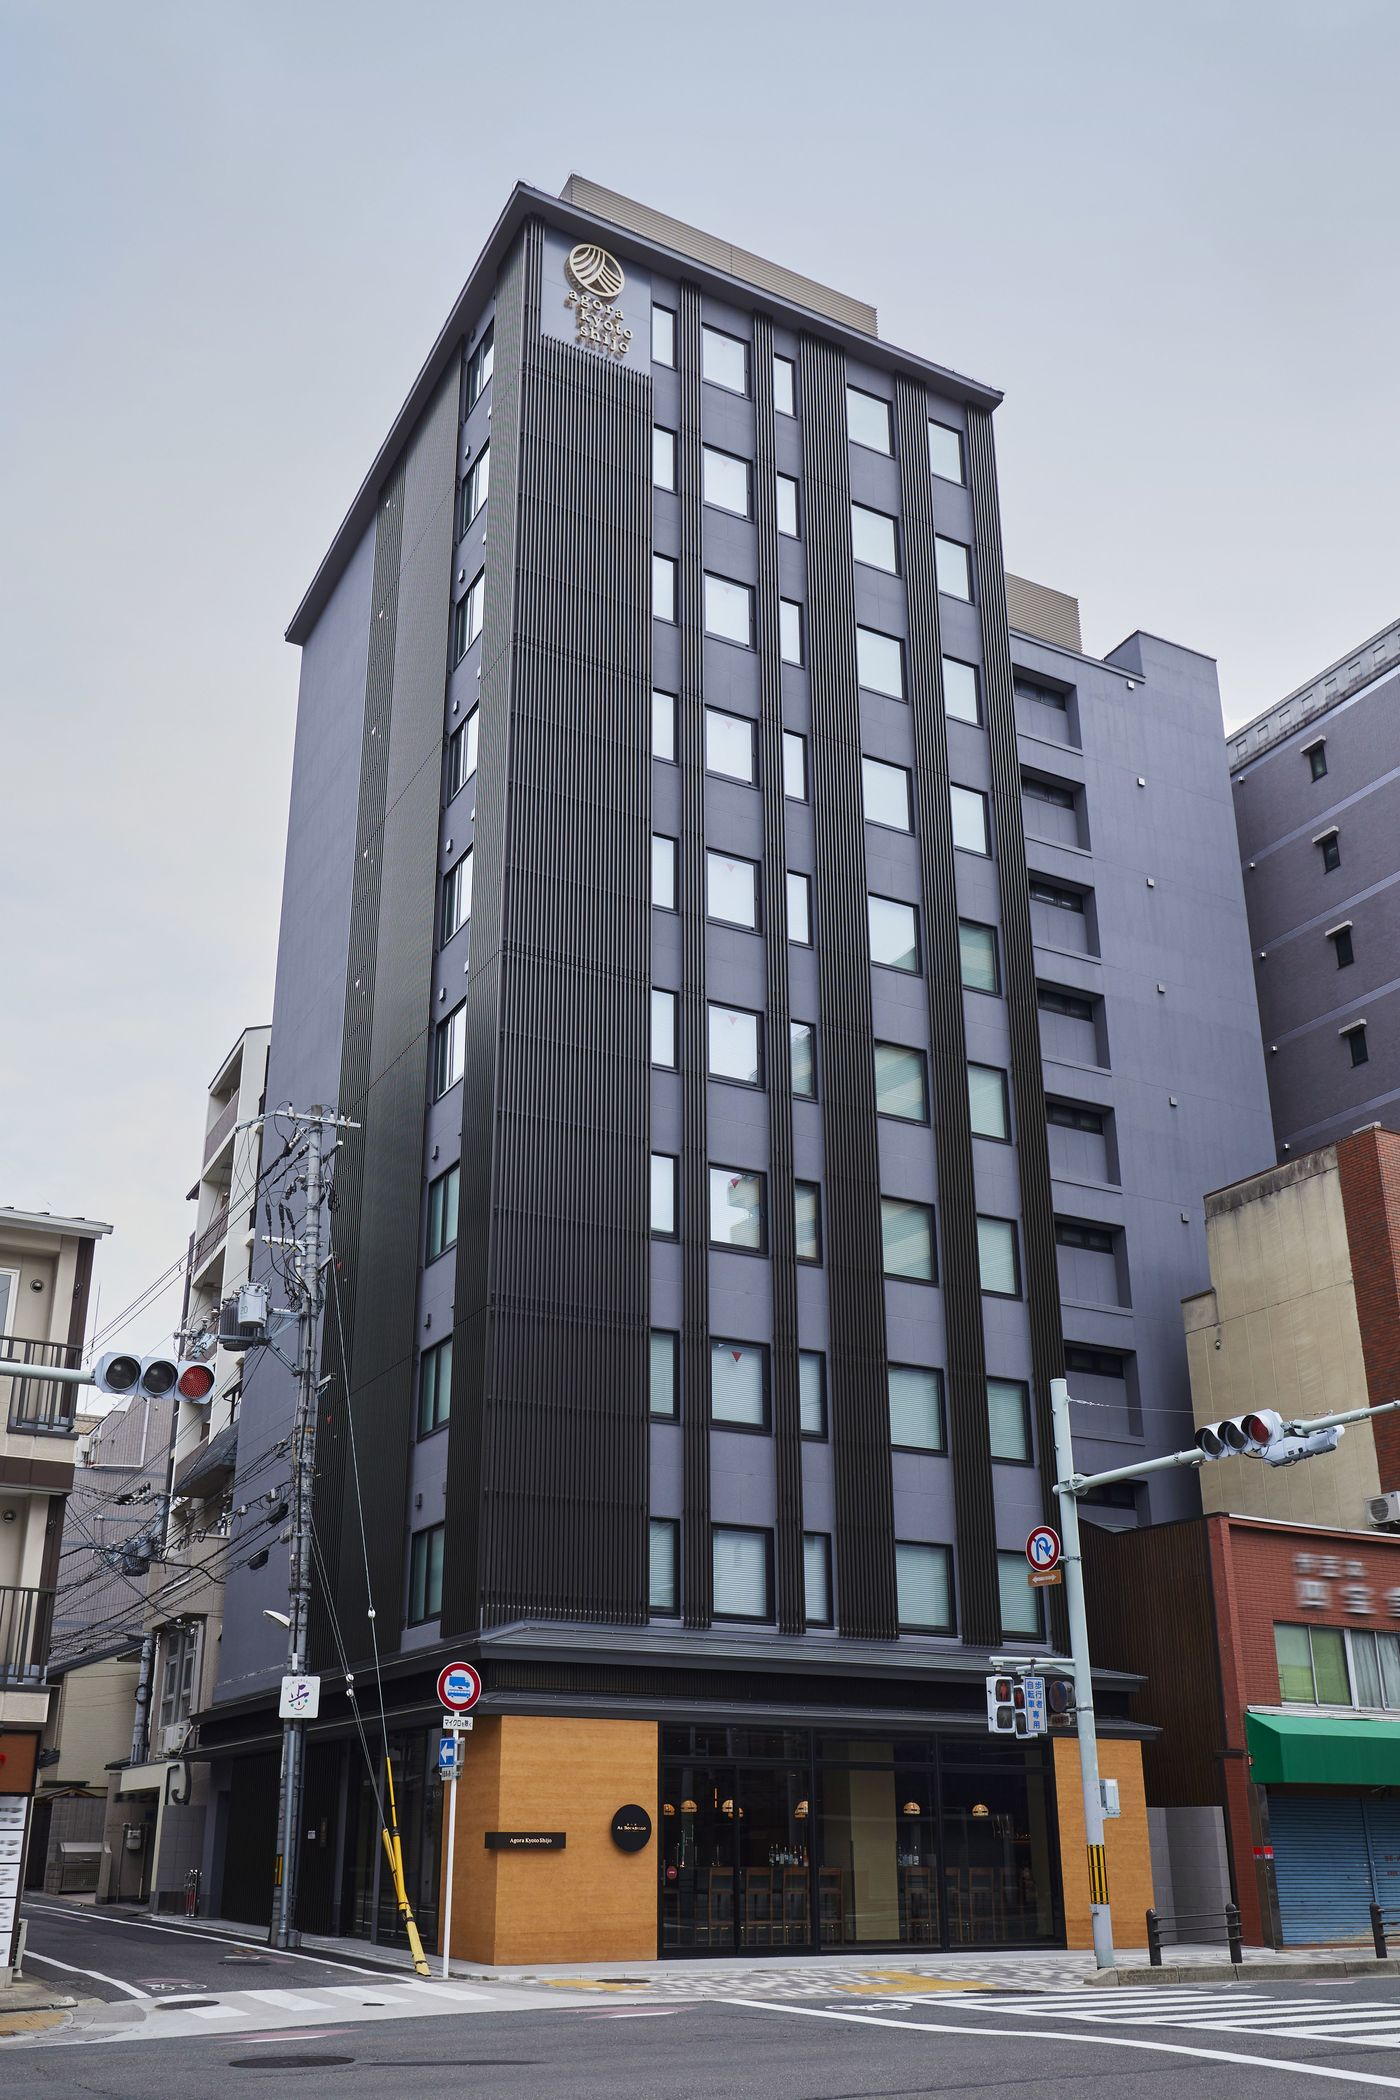 【京都】注目のおしゃれホテル!華やかな町衆文化を感じる「アゴーラ 京都四条」の画像